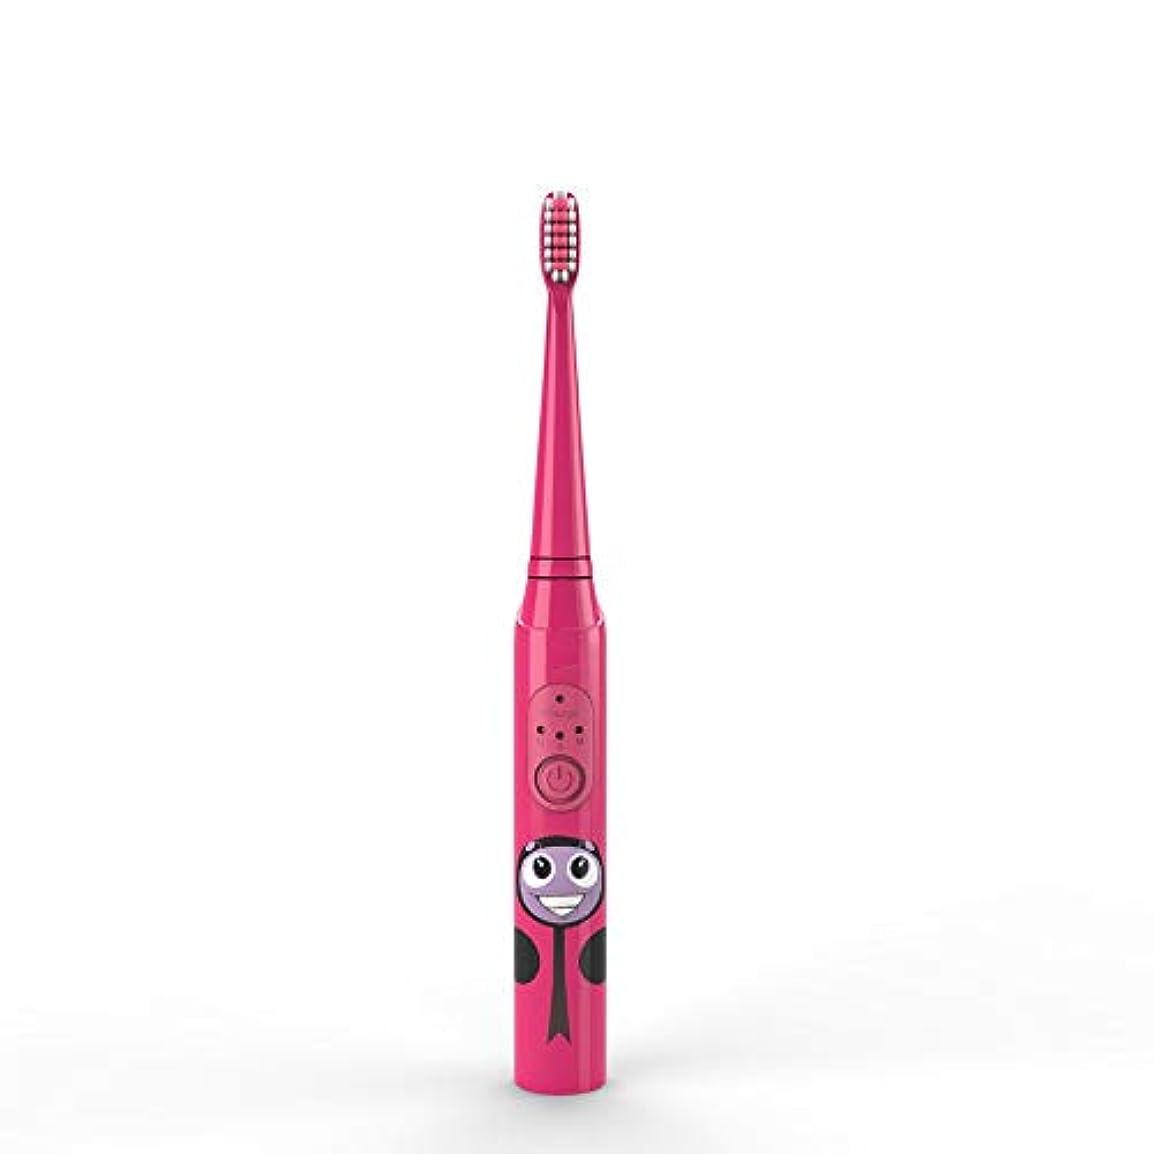 形式戦術君主制電動歯ブラシ 子供の電動歯ブラシUSB充電式保護清潔で柔らかい毛の歯ブラシ日常の使用 大人と子供向け (色 : 赤, サイズ : Free size)